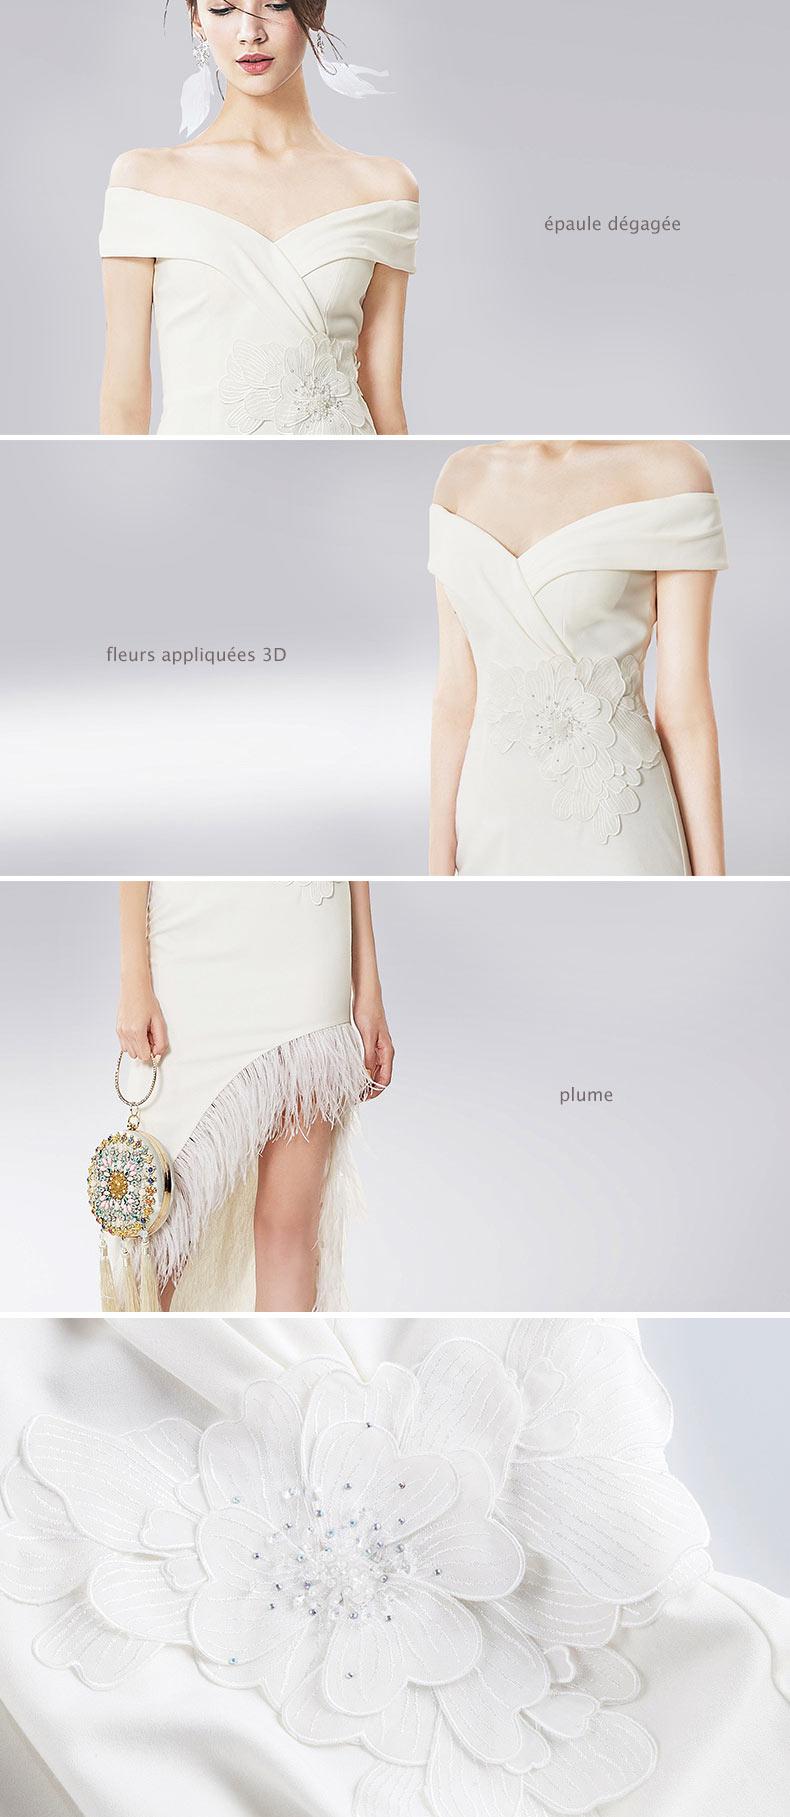 robe de gala blanche épaule dénudée appliquées de fleurs 3D & plumes